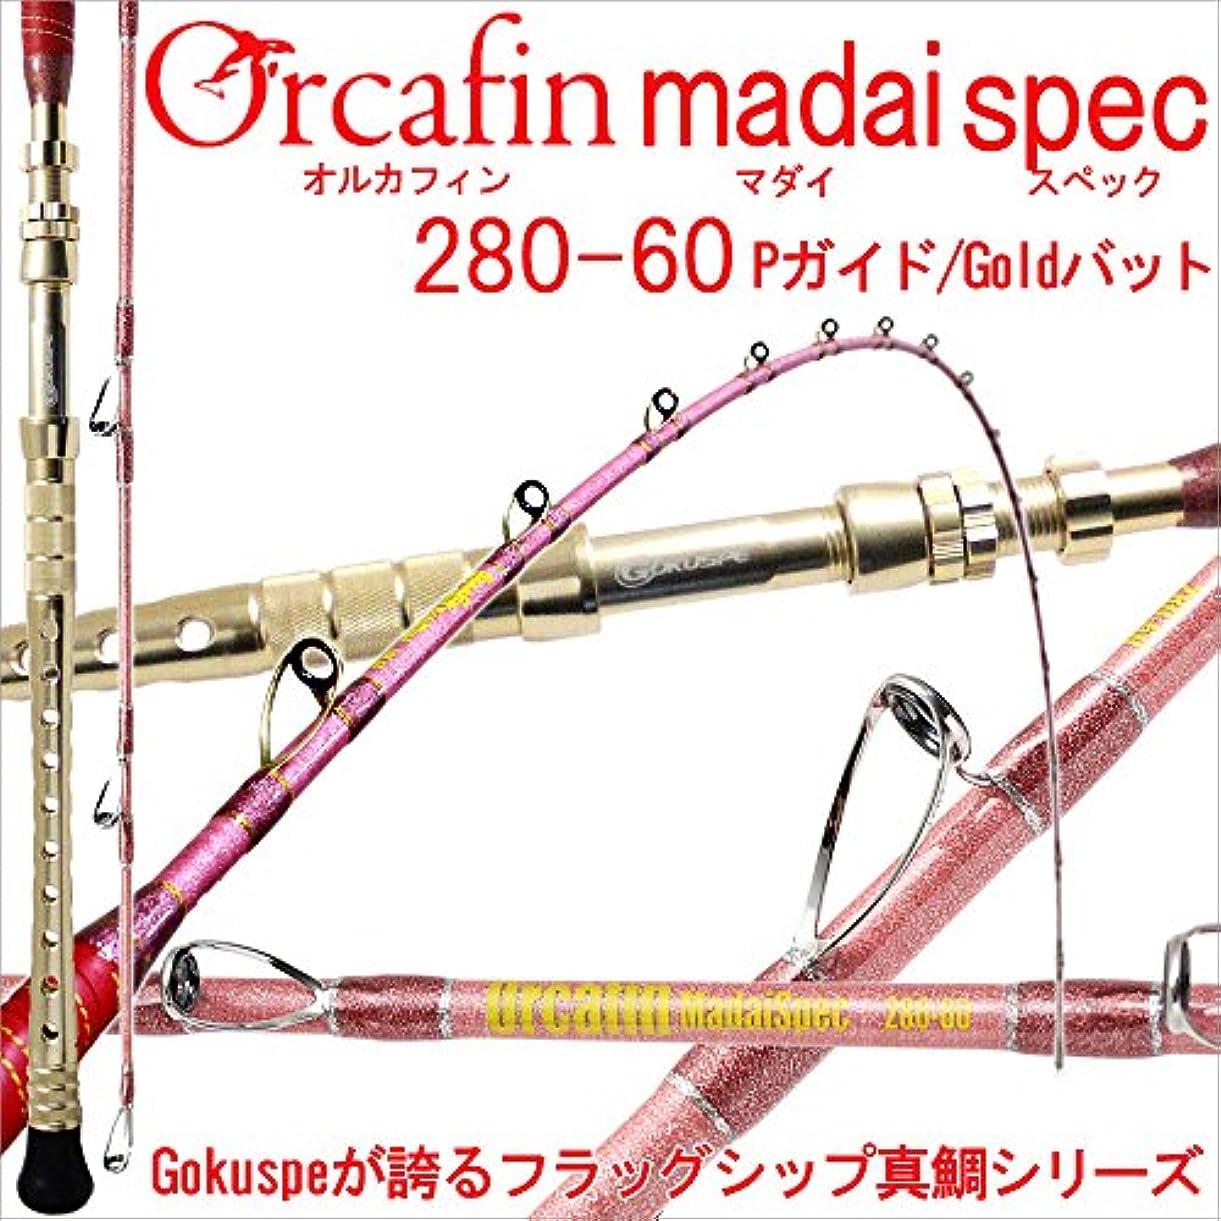 給料歩くシロクマGokuspe最高級 超軟調総糸巻 ORCAFIN 真鯛Spec280-60号 Pタイプ Goldバット(280016-p-gl)